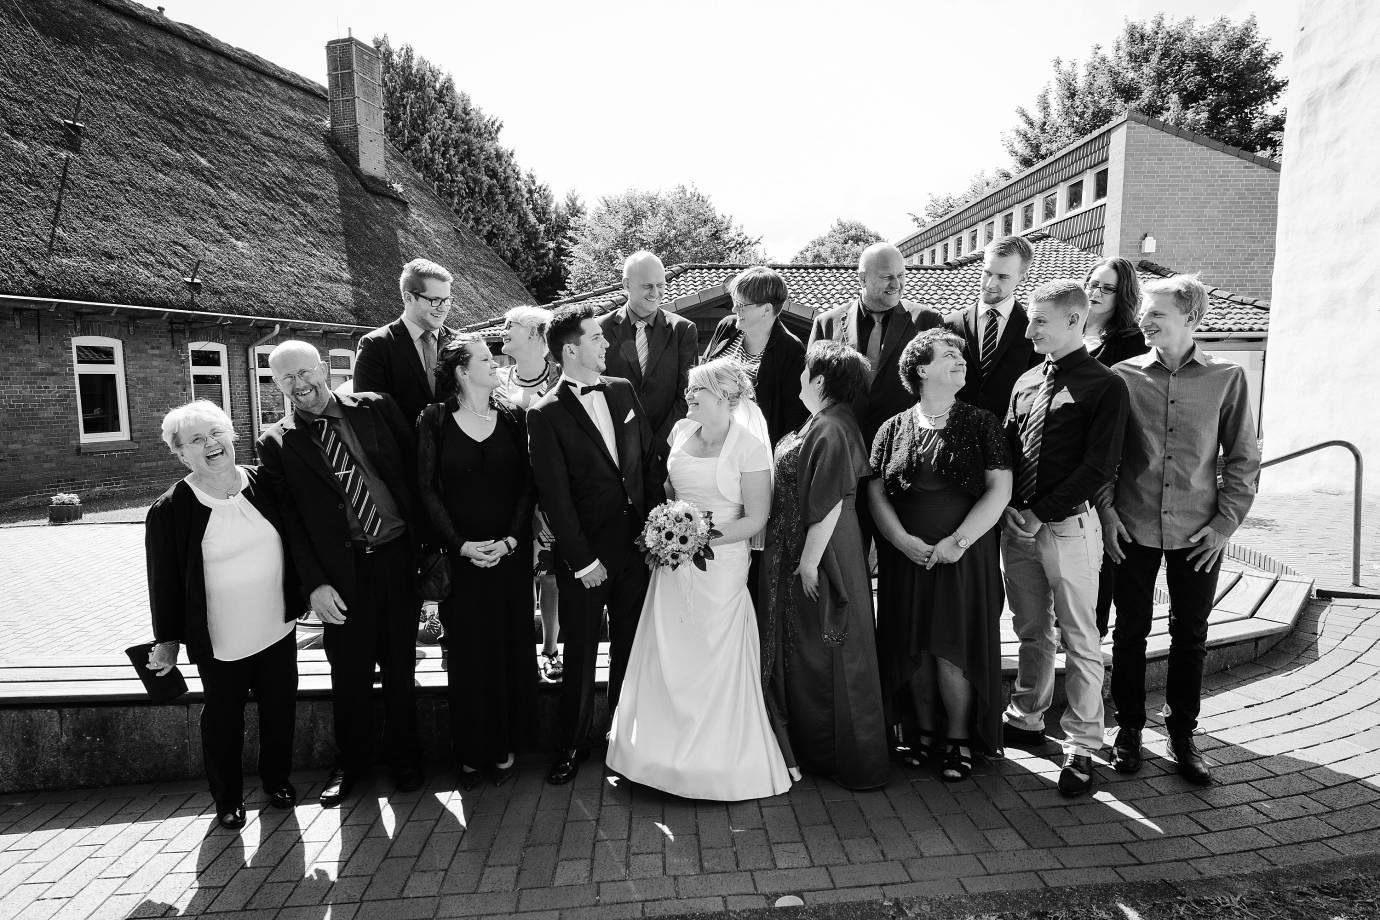 hochzeitsfotograf hambergen 114 - Iris+Sascha